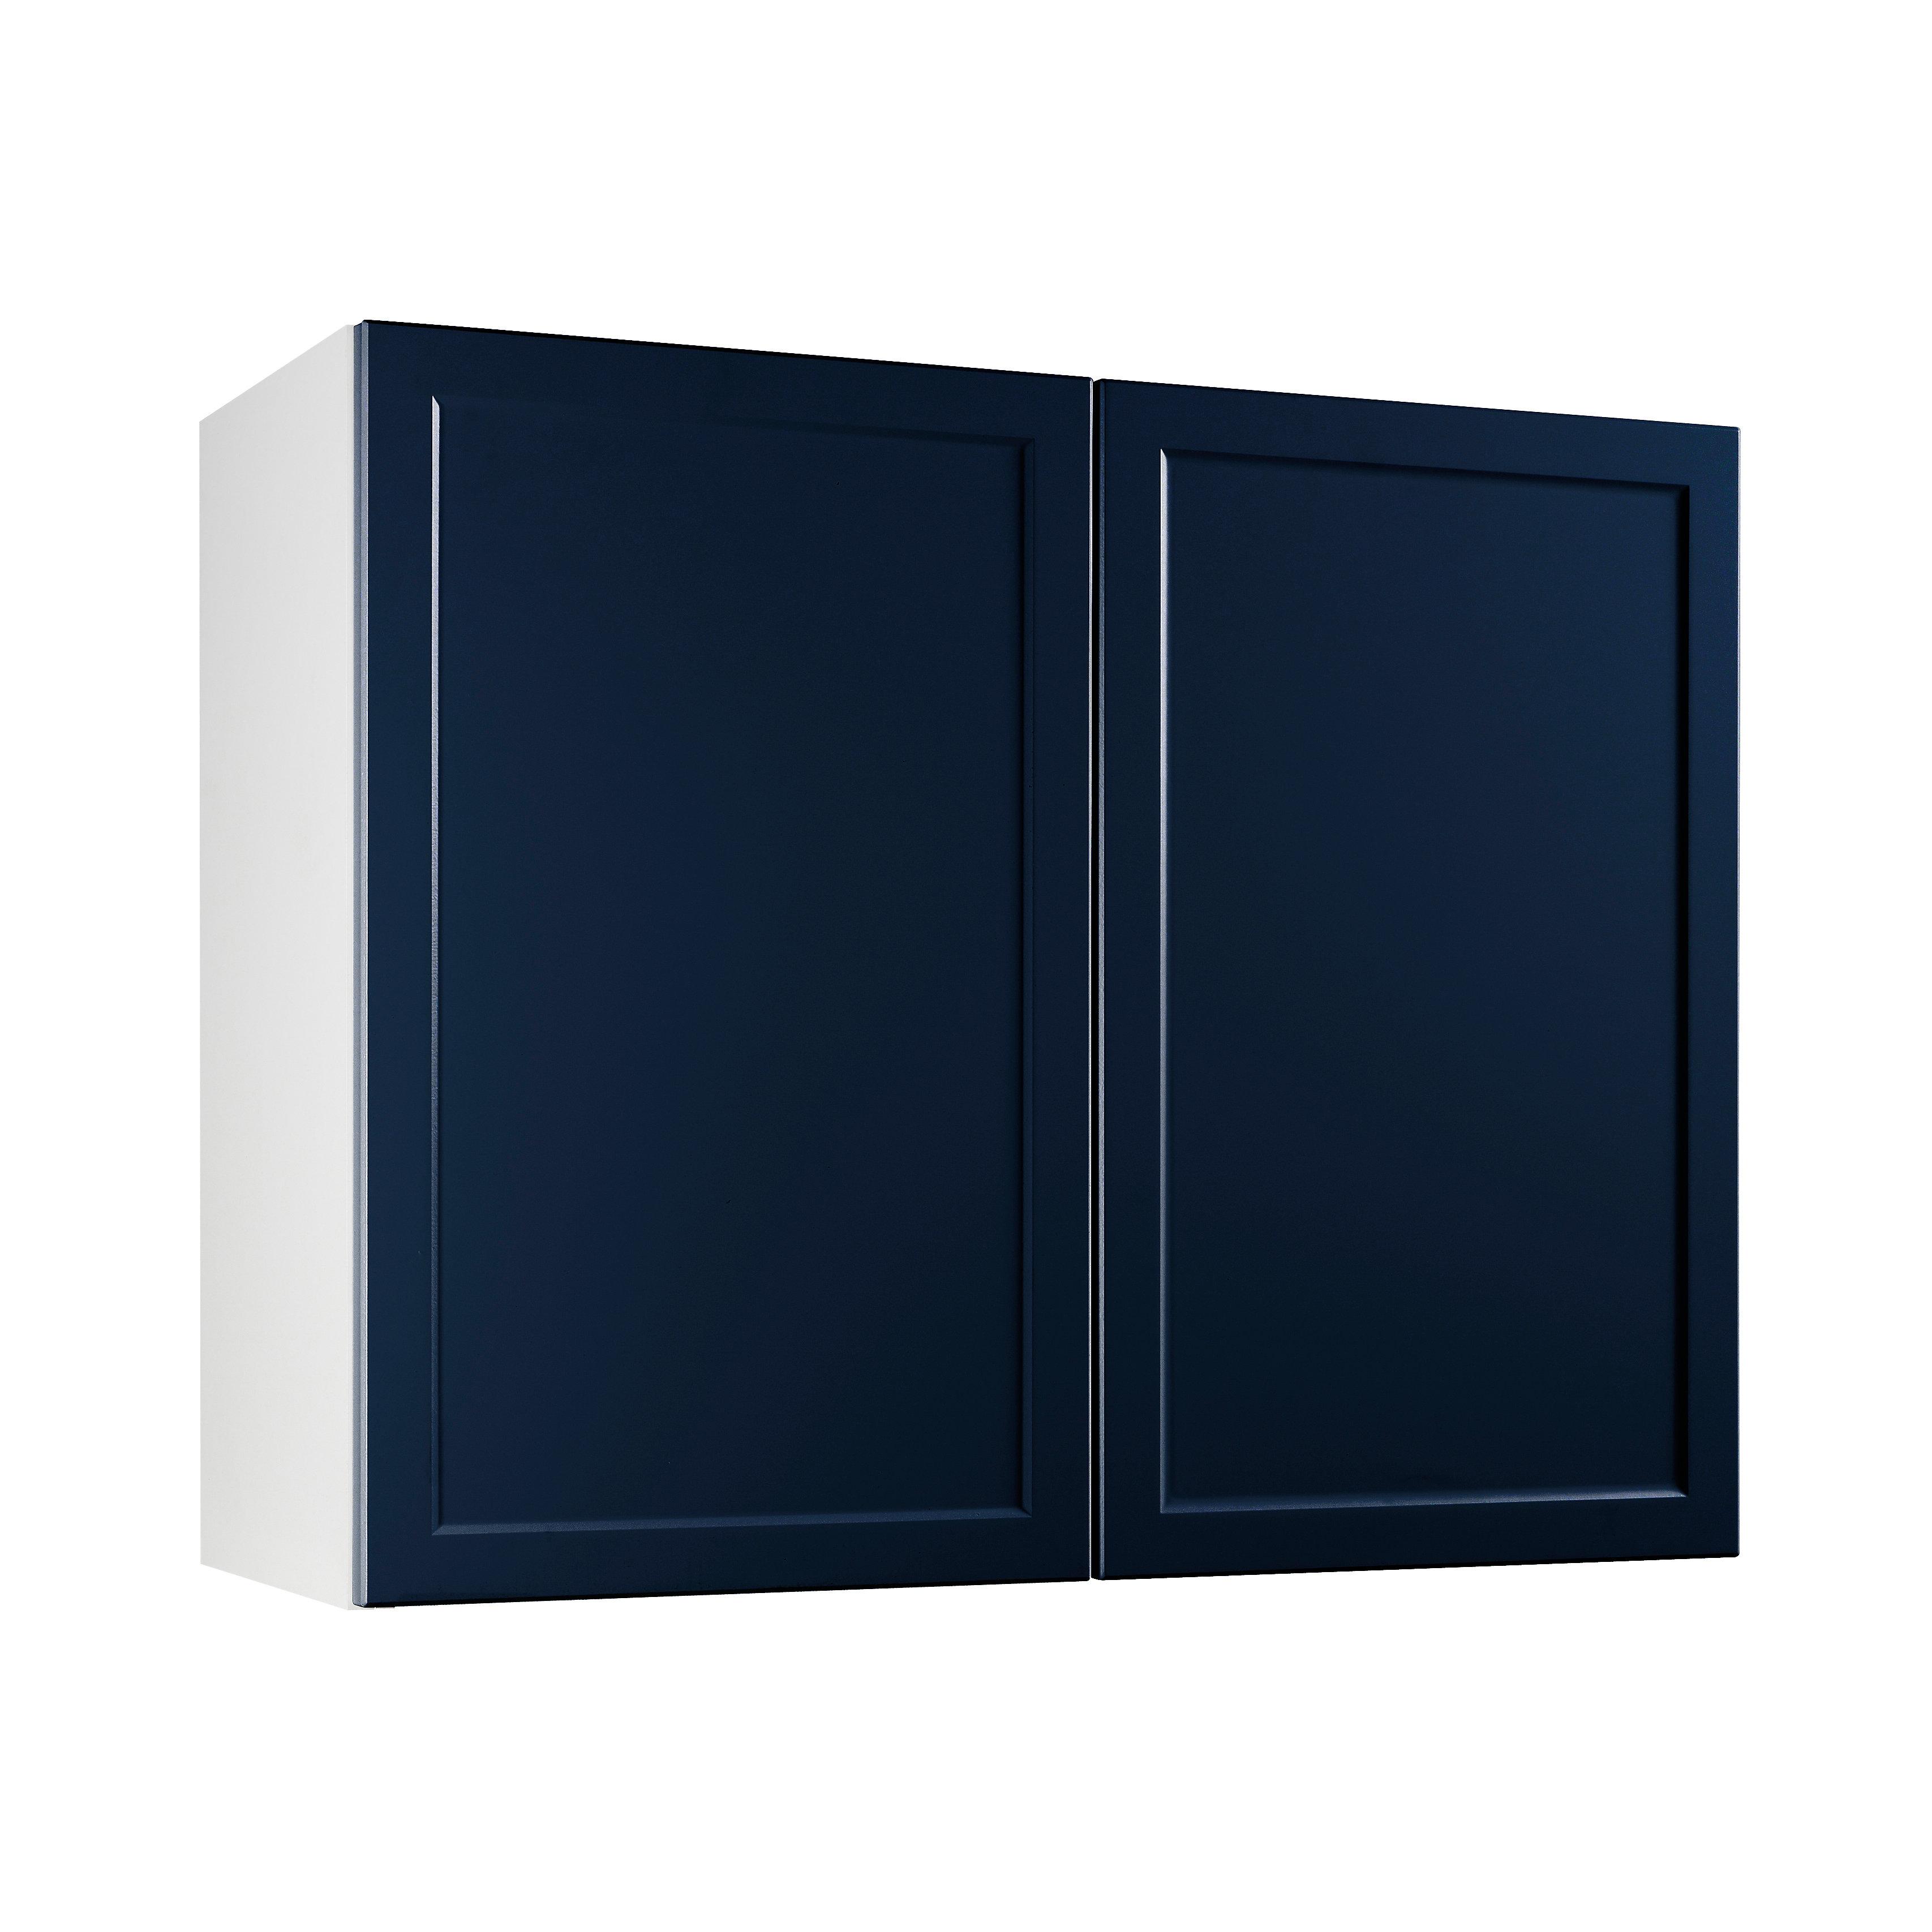 Meuble de cuisine Fog bleu nuit façade 12 porte L. 12 cm + caisson haut